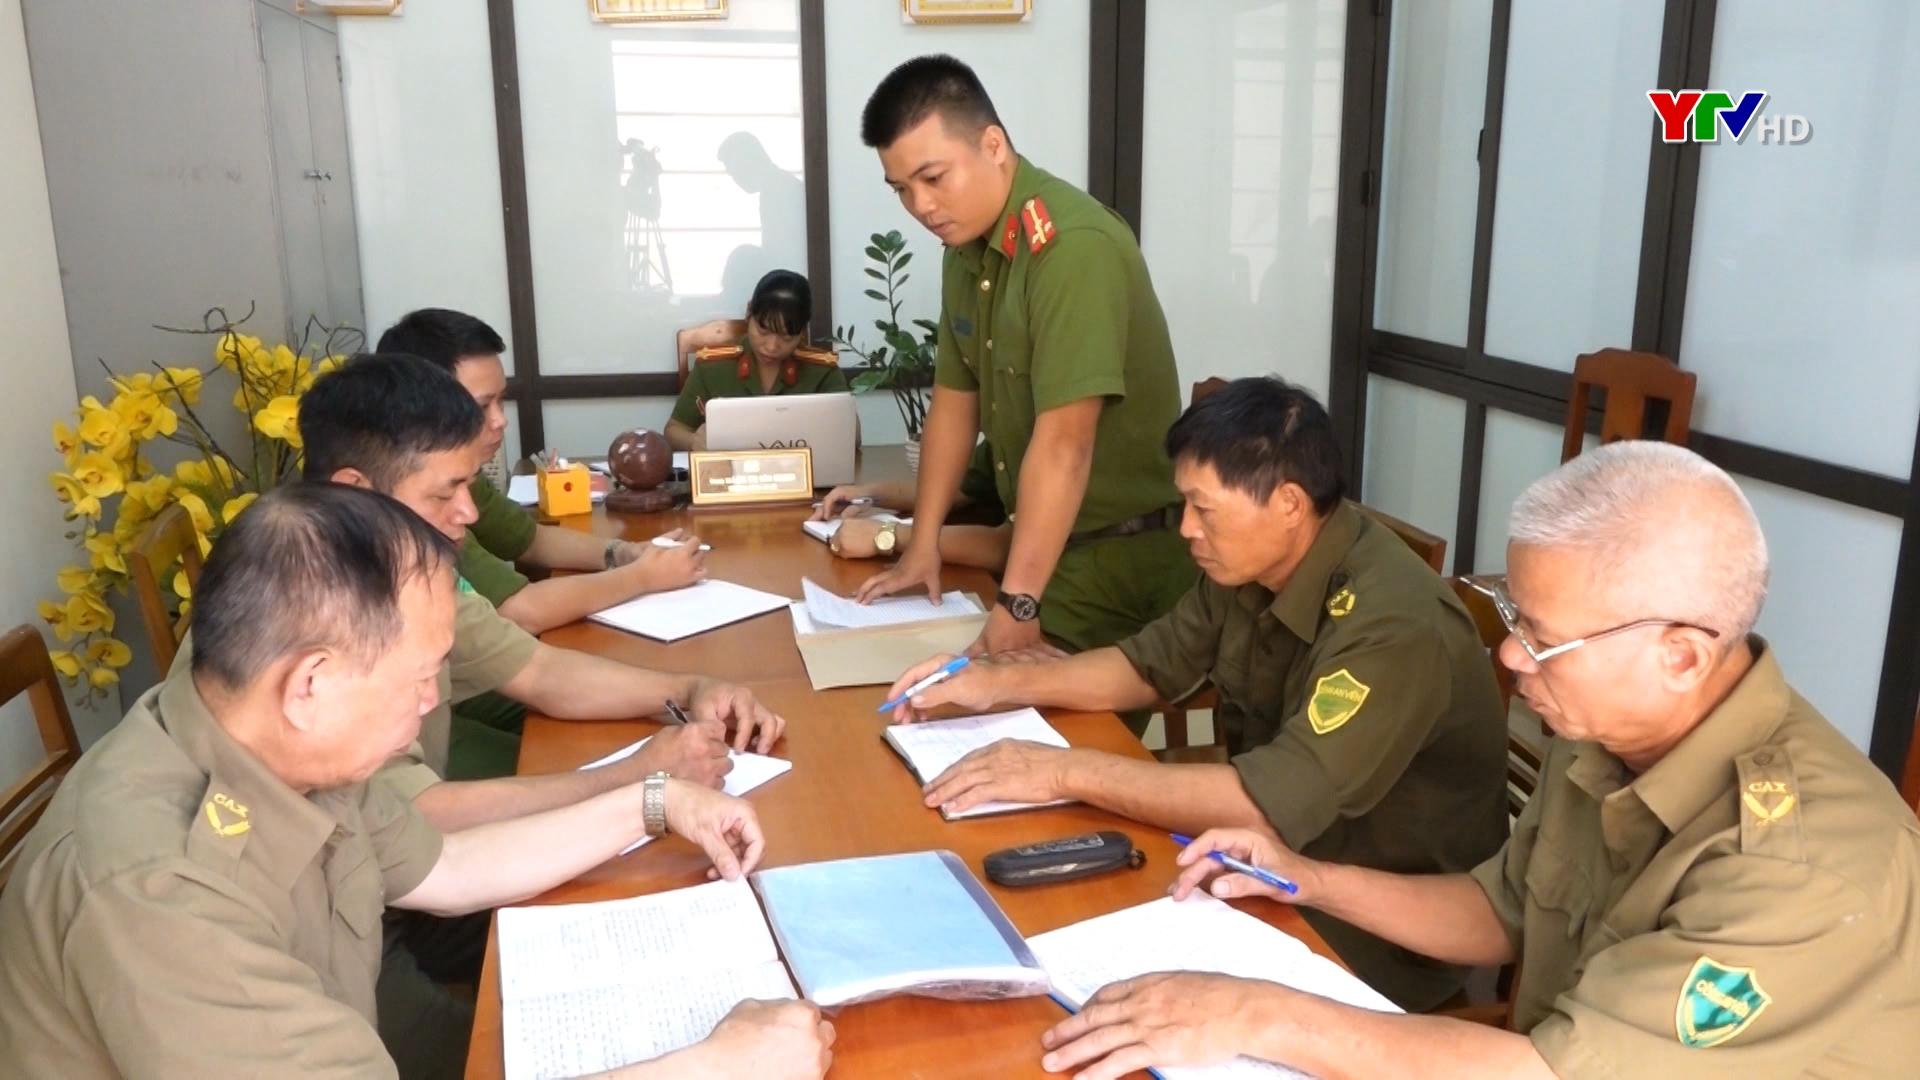 Hiệu quả từ việc đưa công an chính quy về đảm nhiệm các chức danh công an xã tại TP Yên Bái